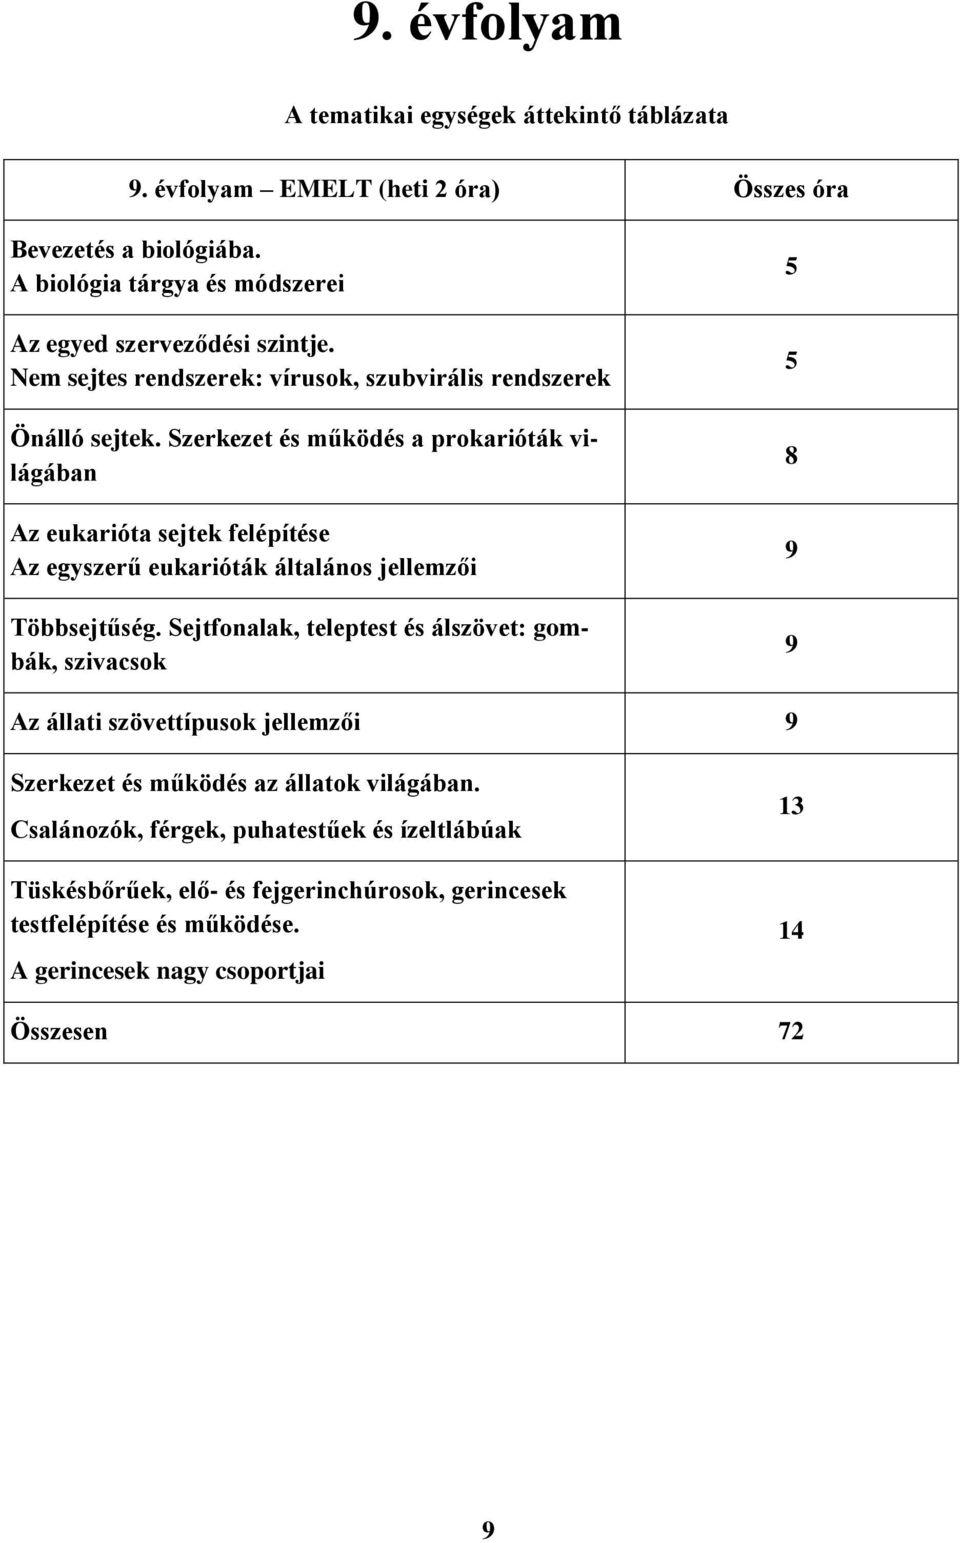 férgek paraziták táblája)